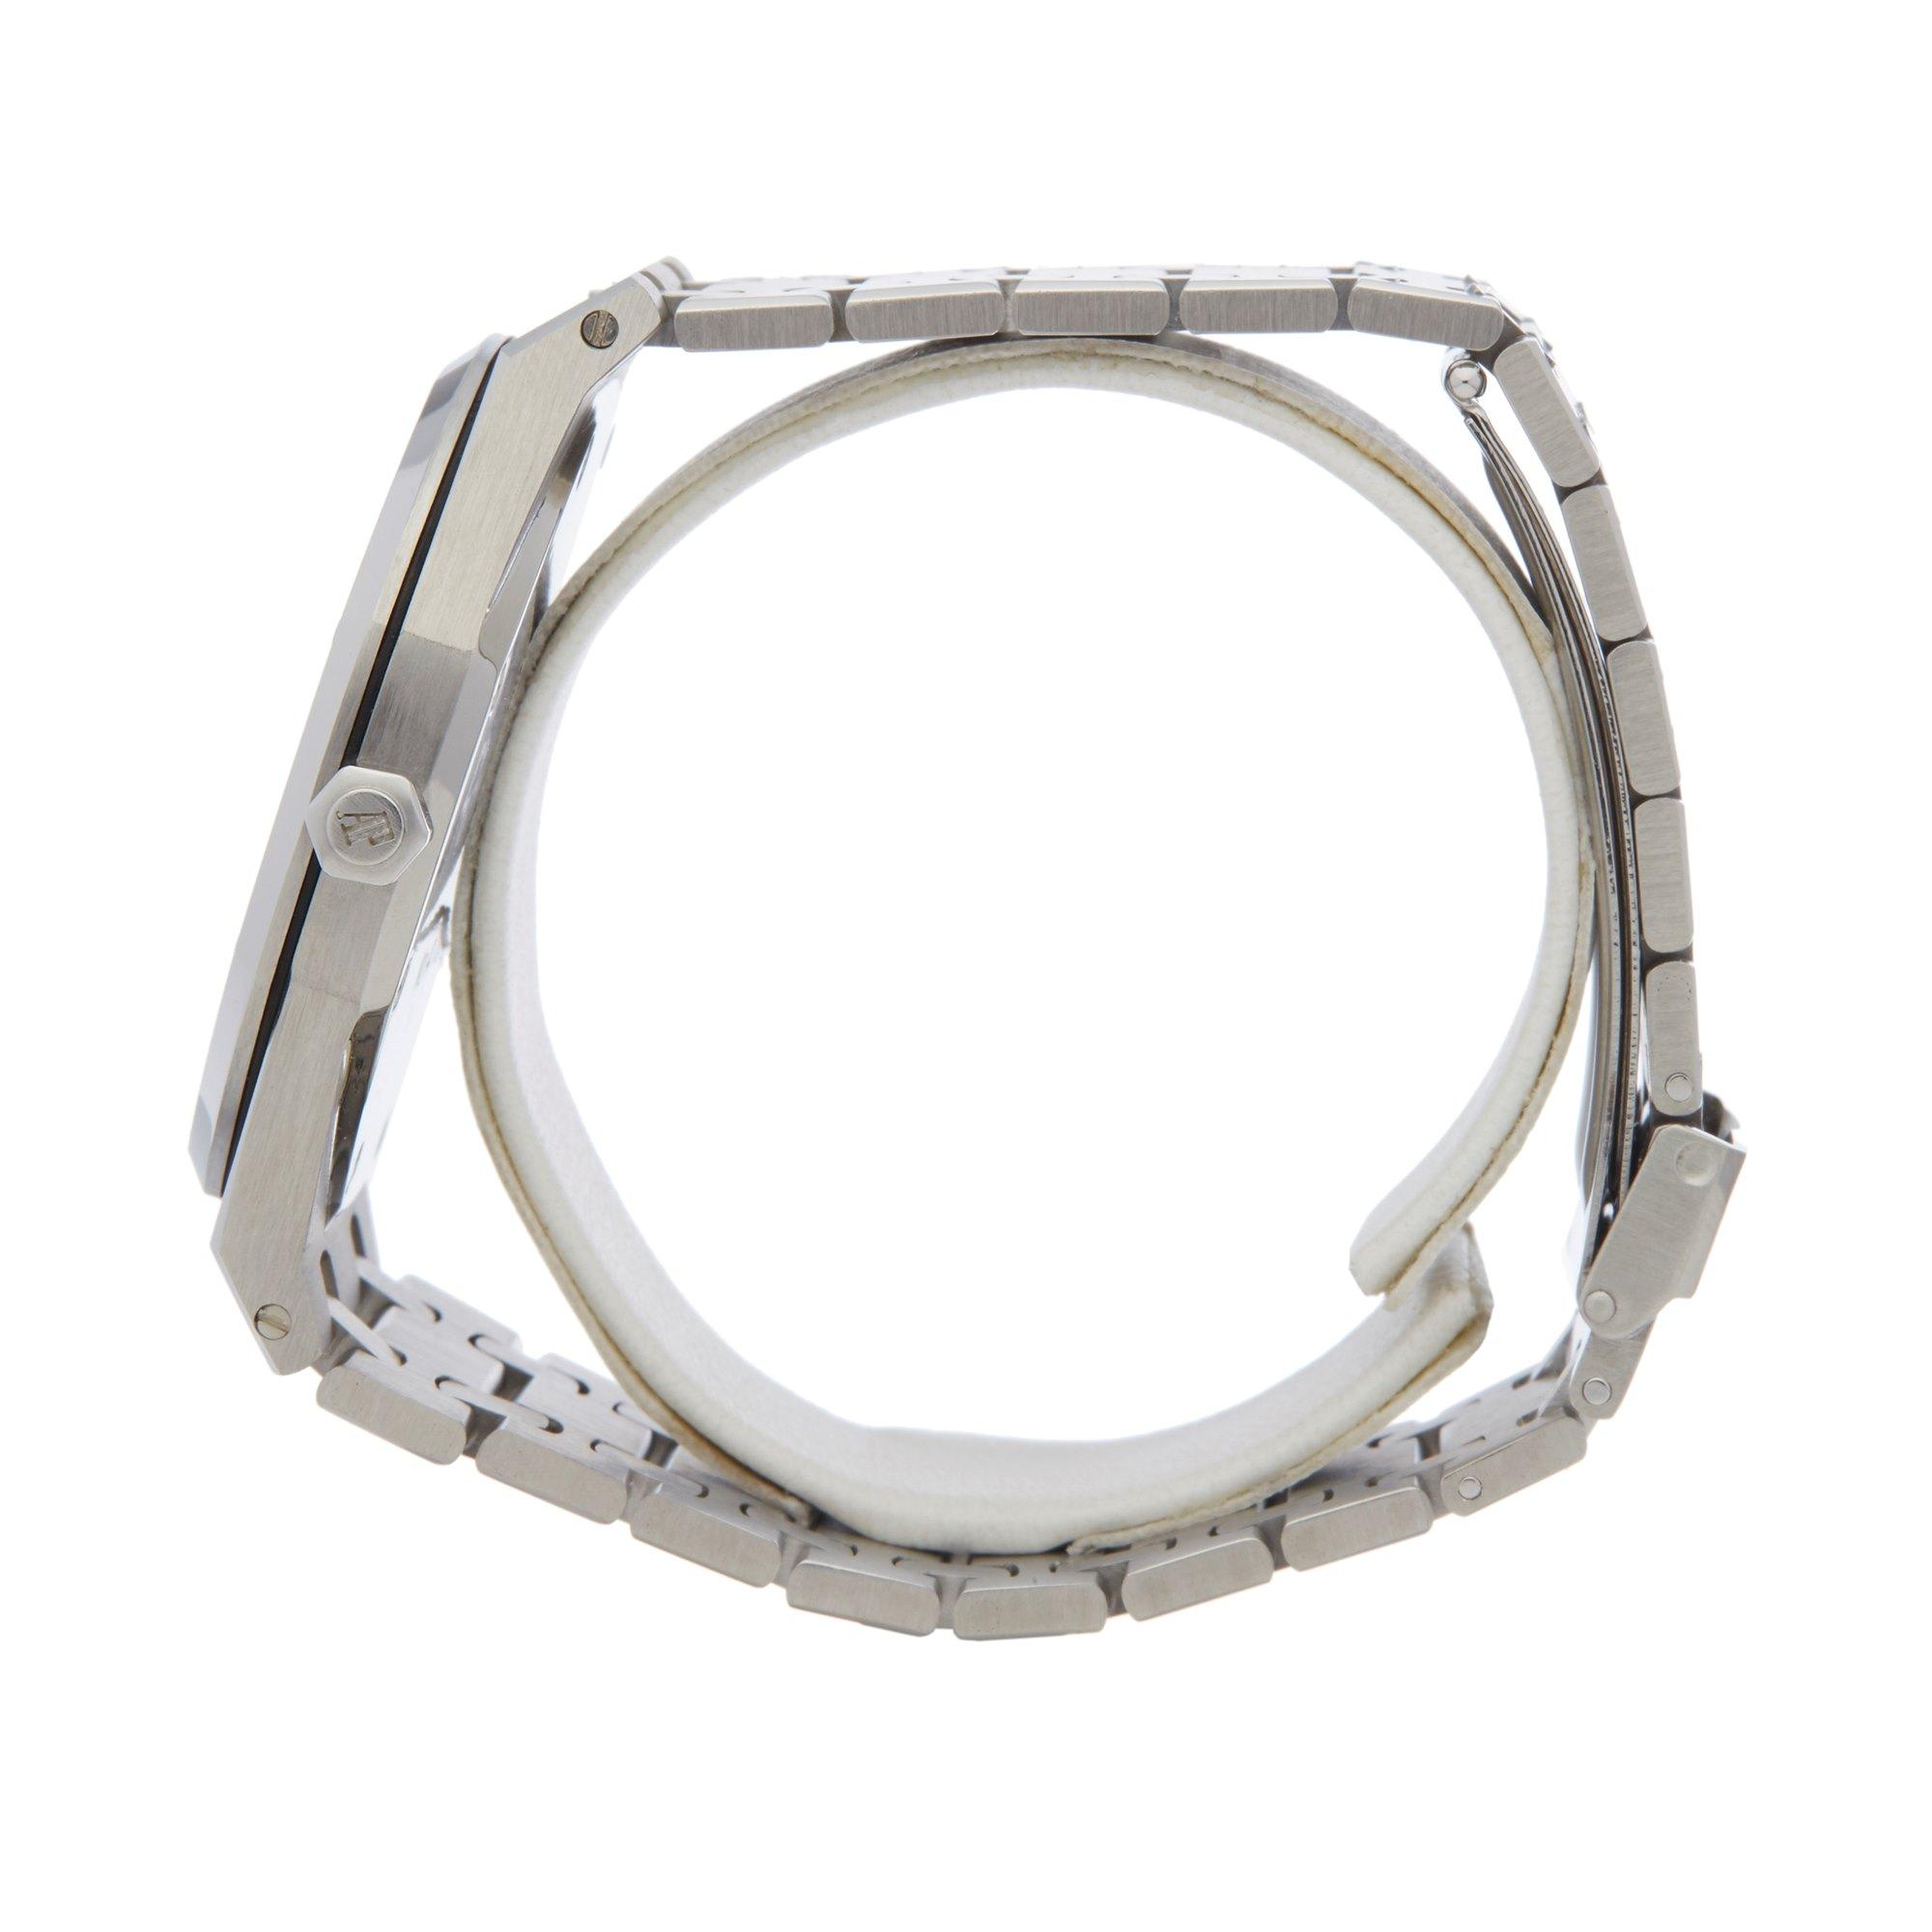 Audemars Piguet Royal Oak A Series Stainless Steel 5402